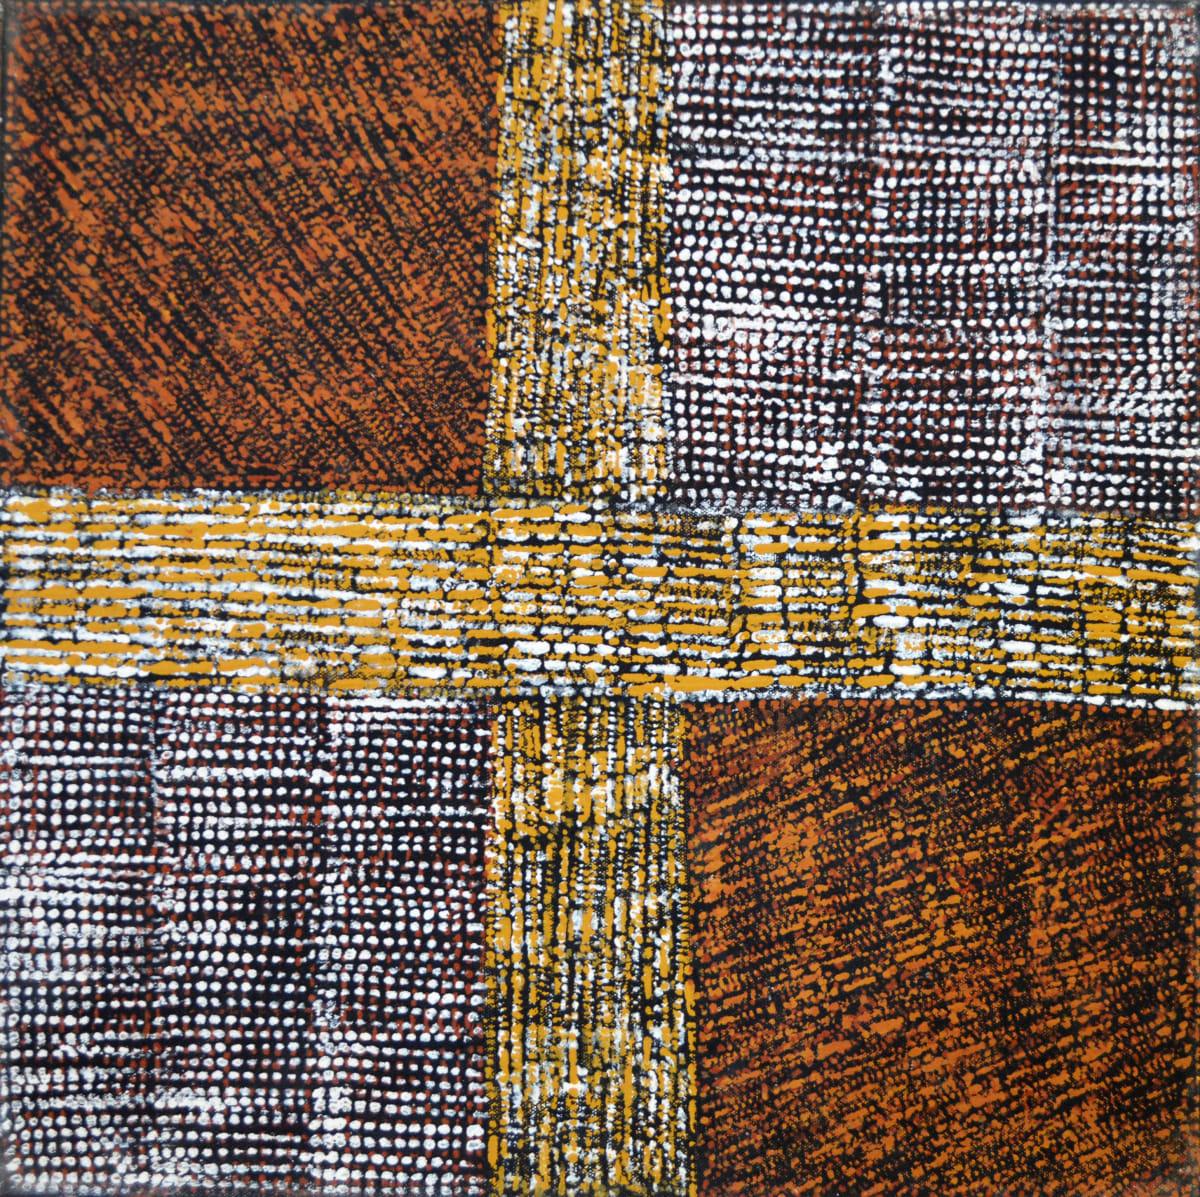 Kaye Brown Parlini Jilamara natural ochres on canvas 45 x 45 cm